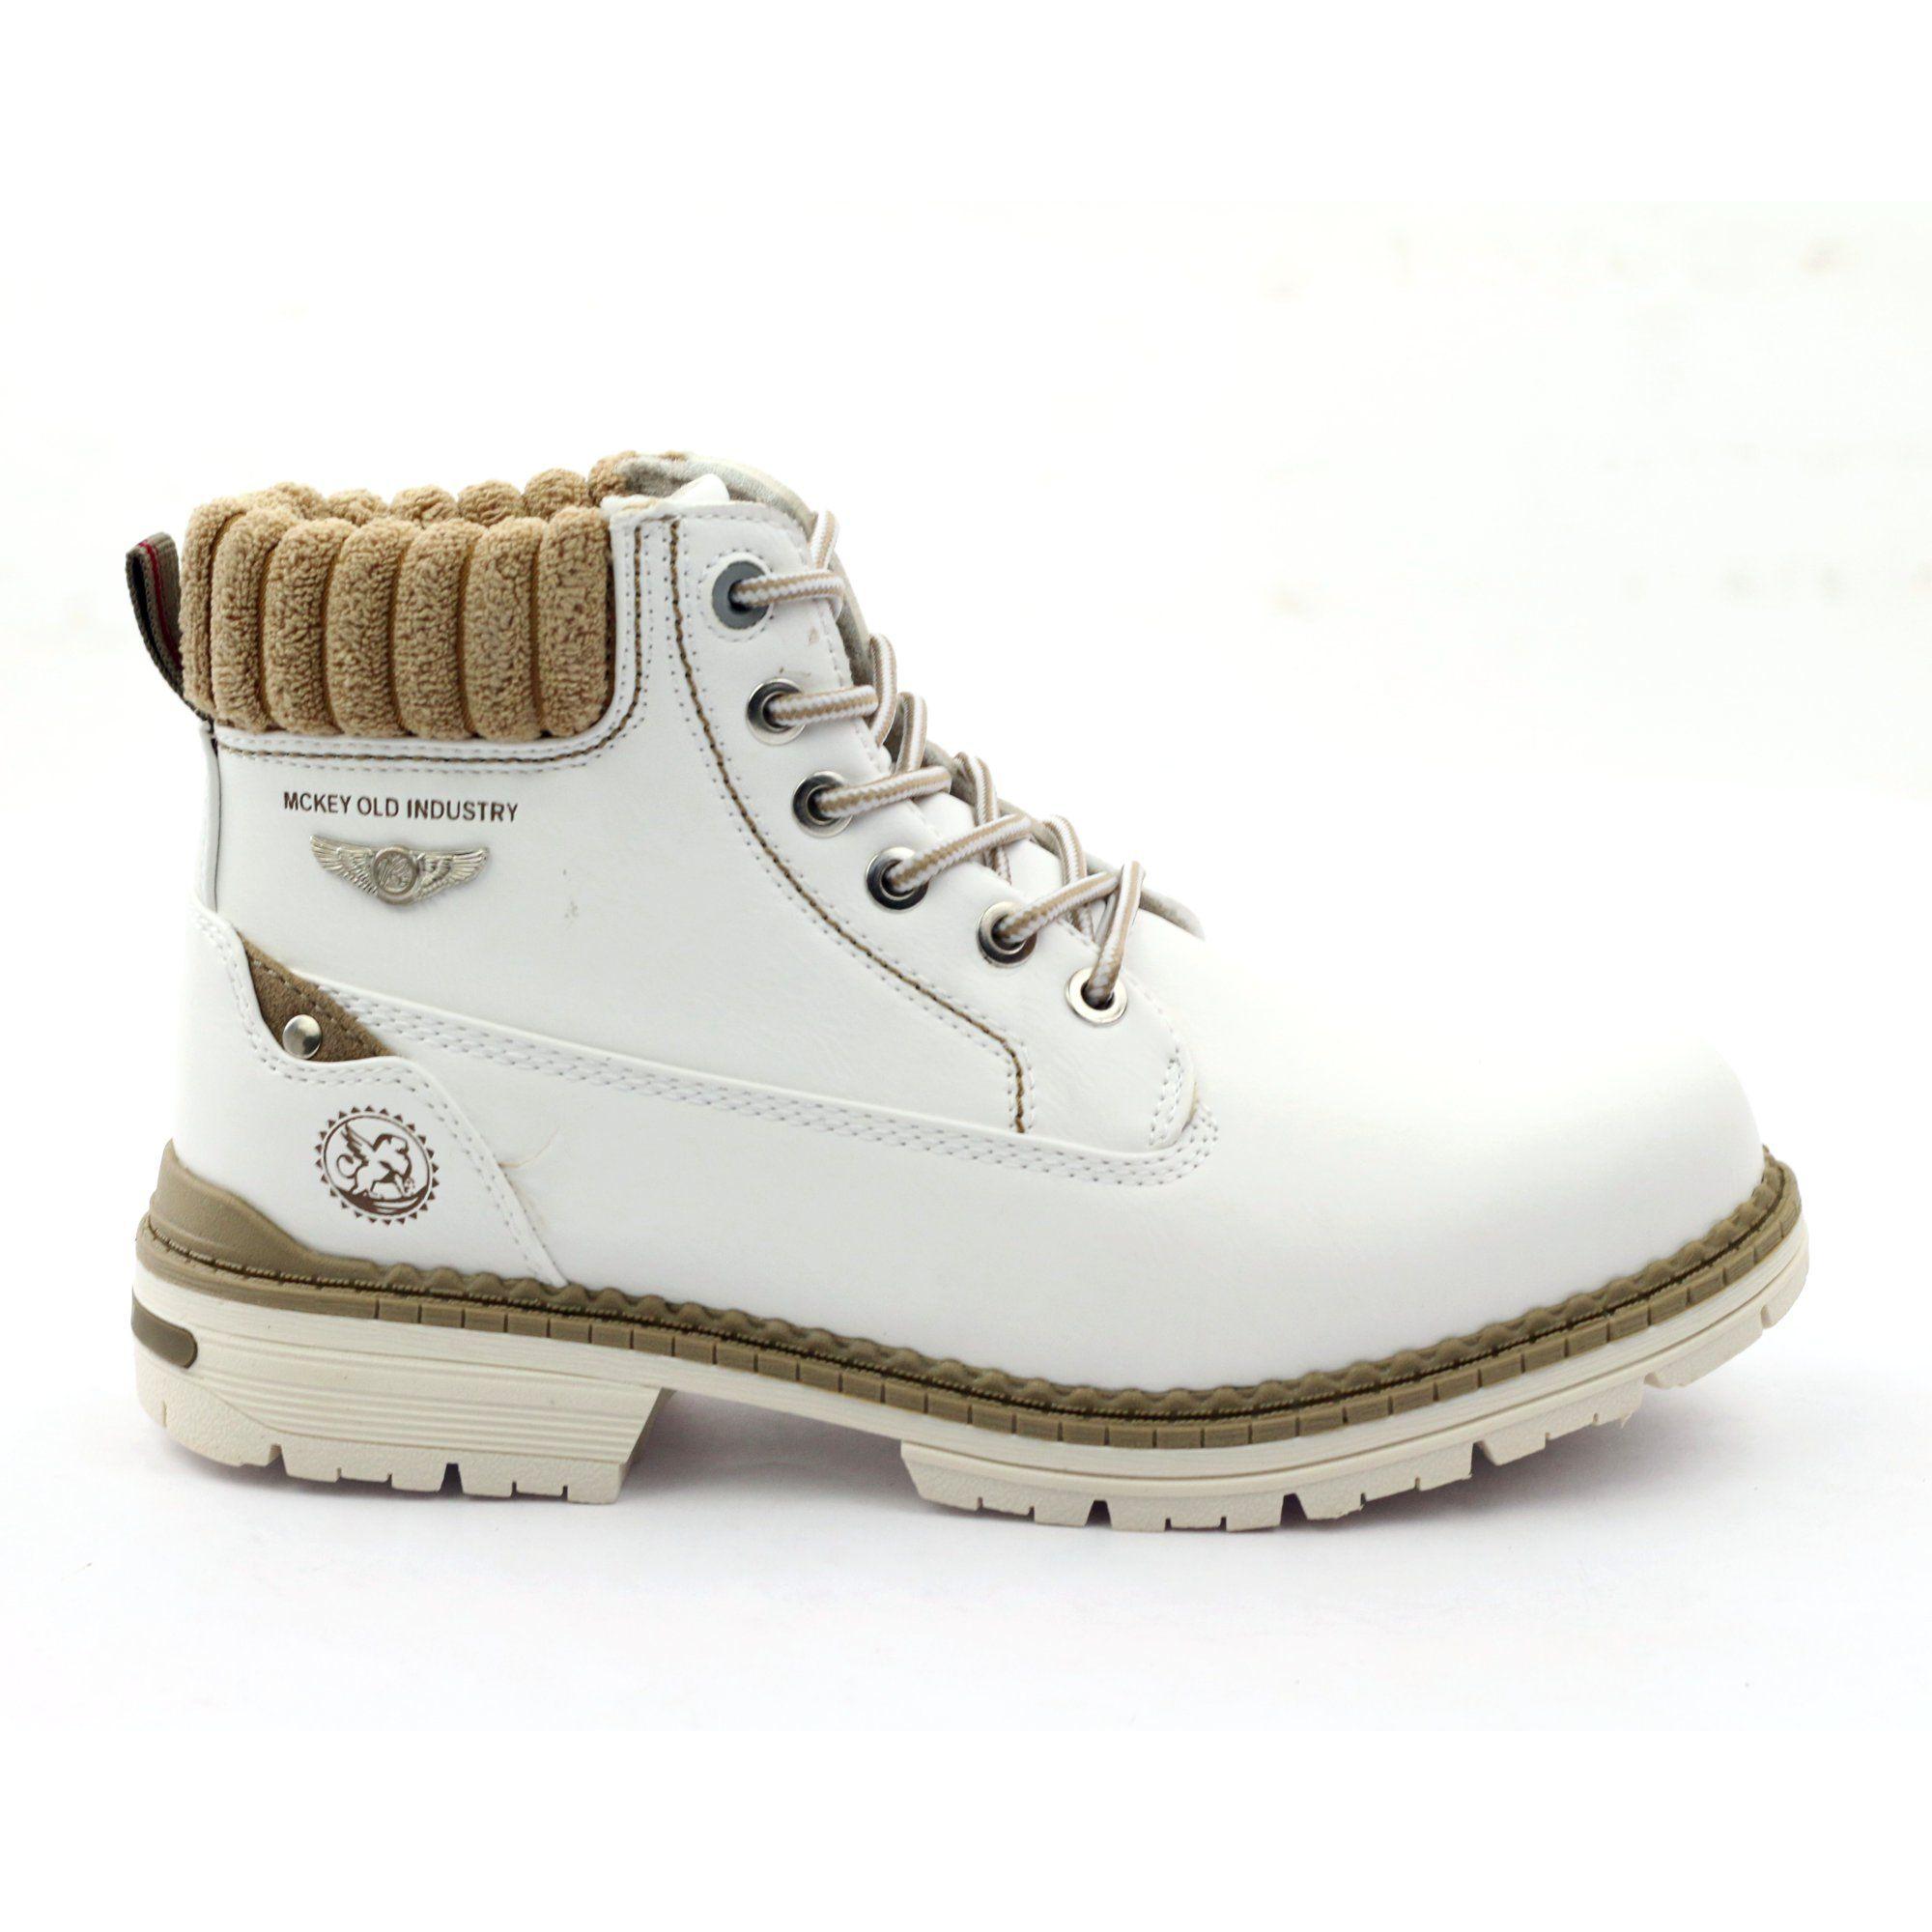 Mckey Trzewiki Zimowe Sznurowane 400 Biale Gents Shoes Boots Winter Boots